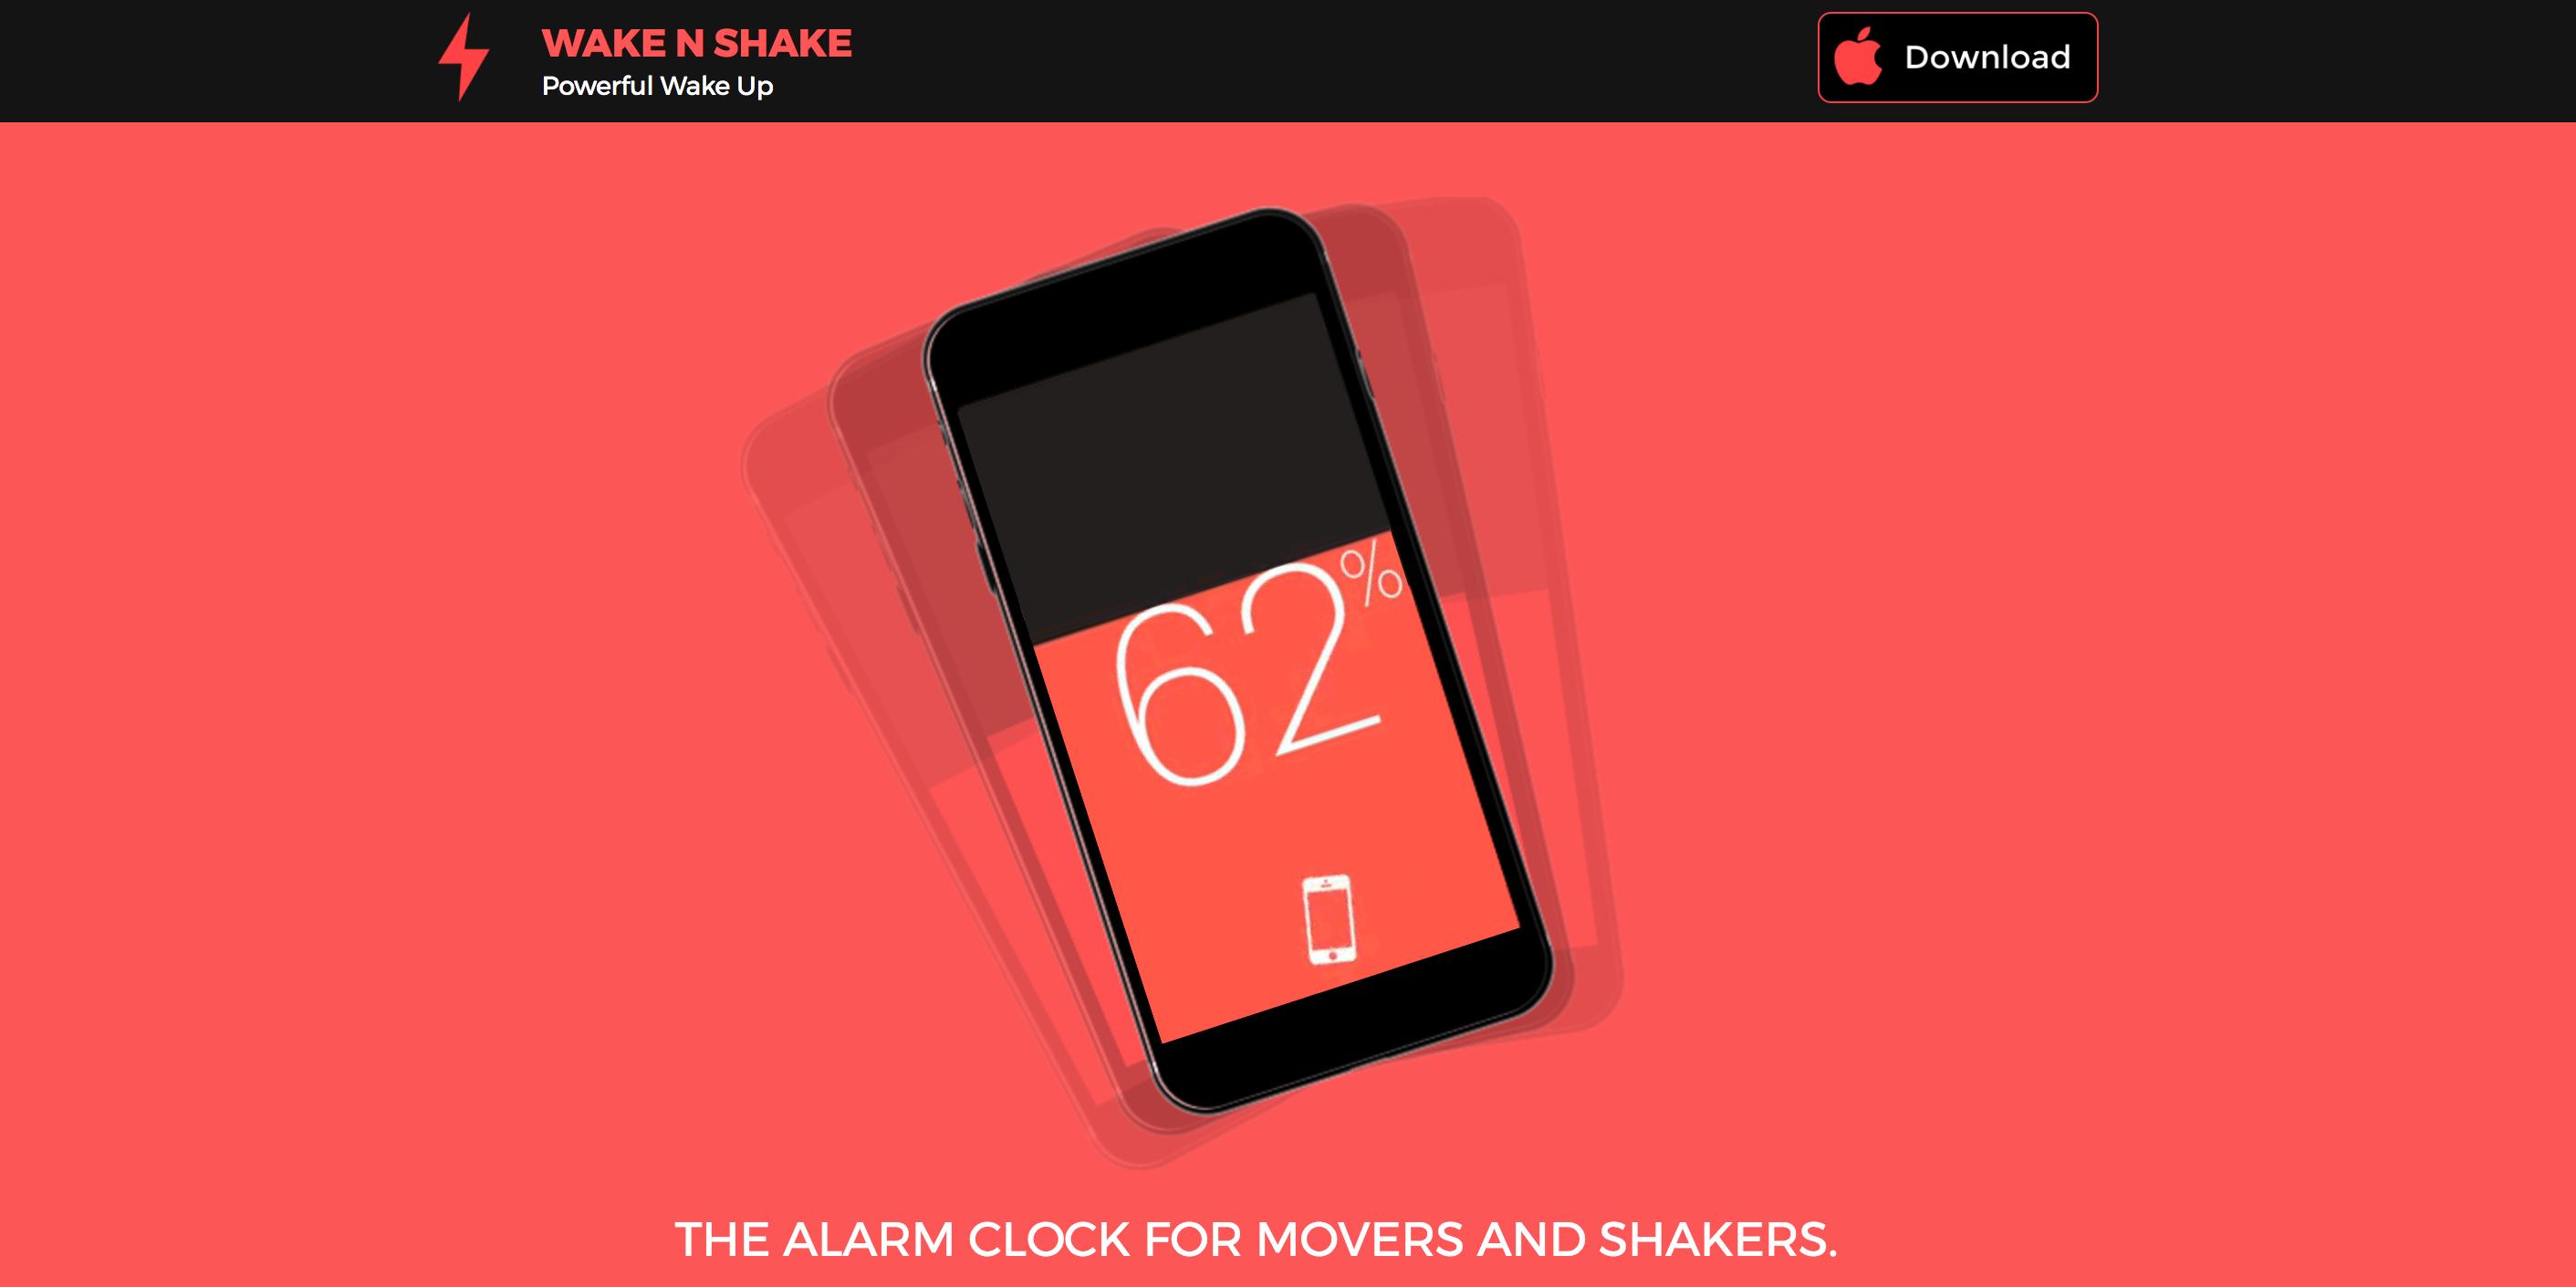 wake-n-shake-alarm-clock-8